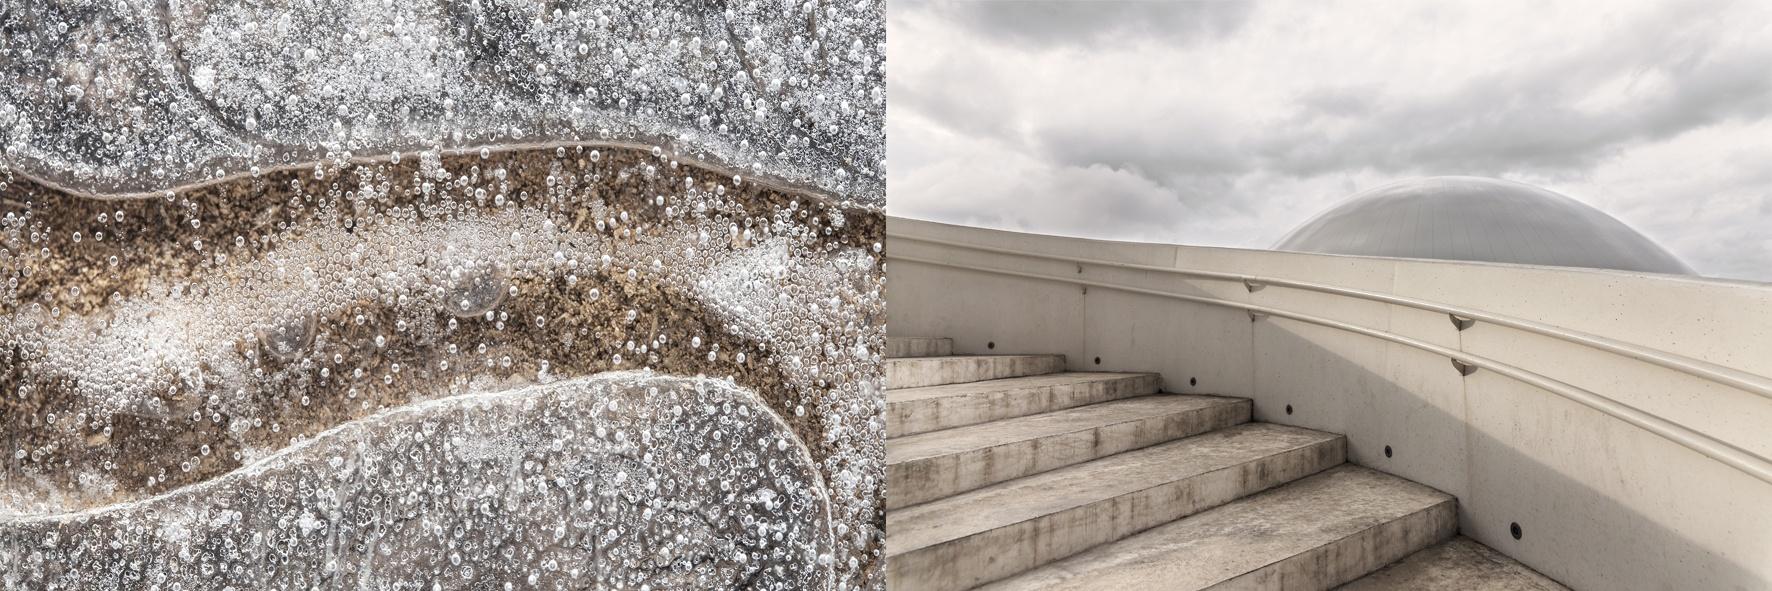 Barlovento - Como dos gotas de poesía   - Como dos gotas de poesía, fotografías de LaraBisbe